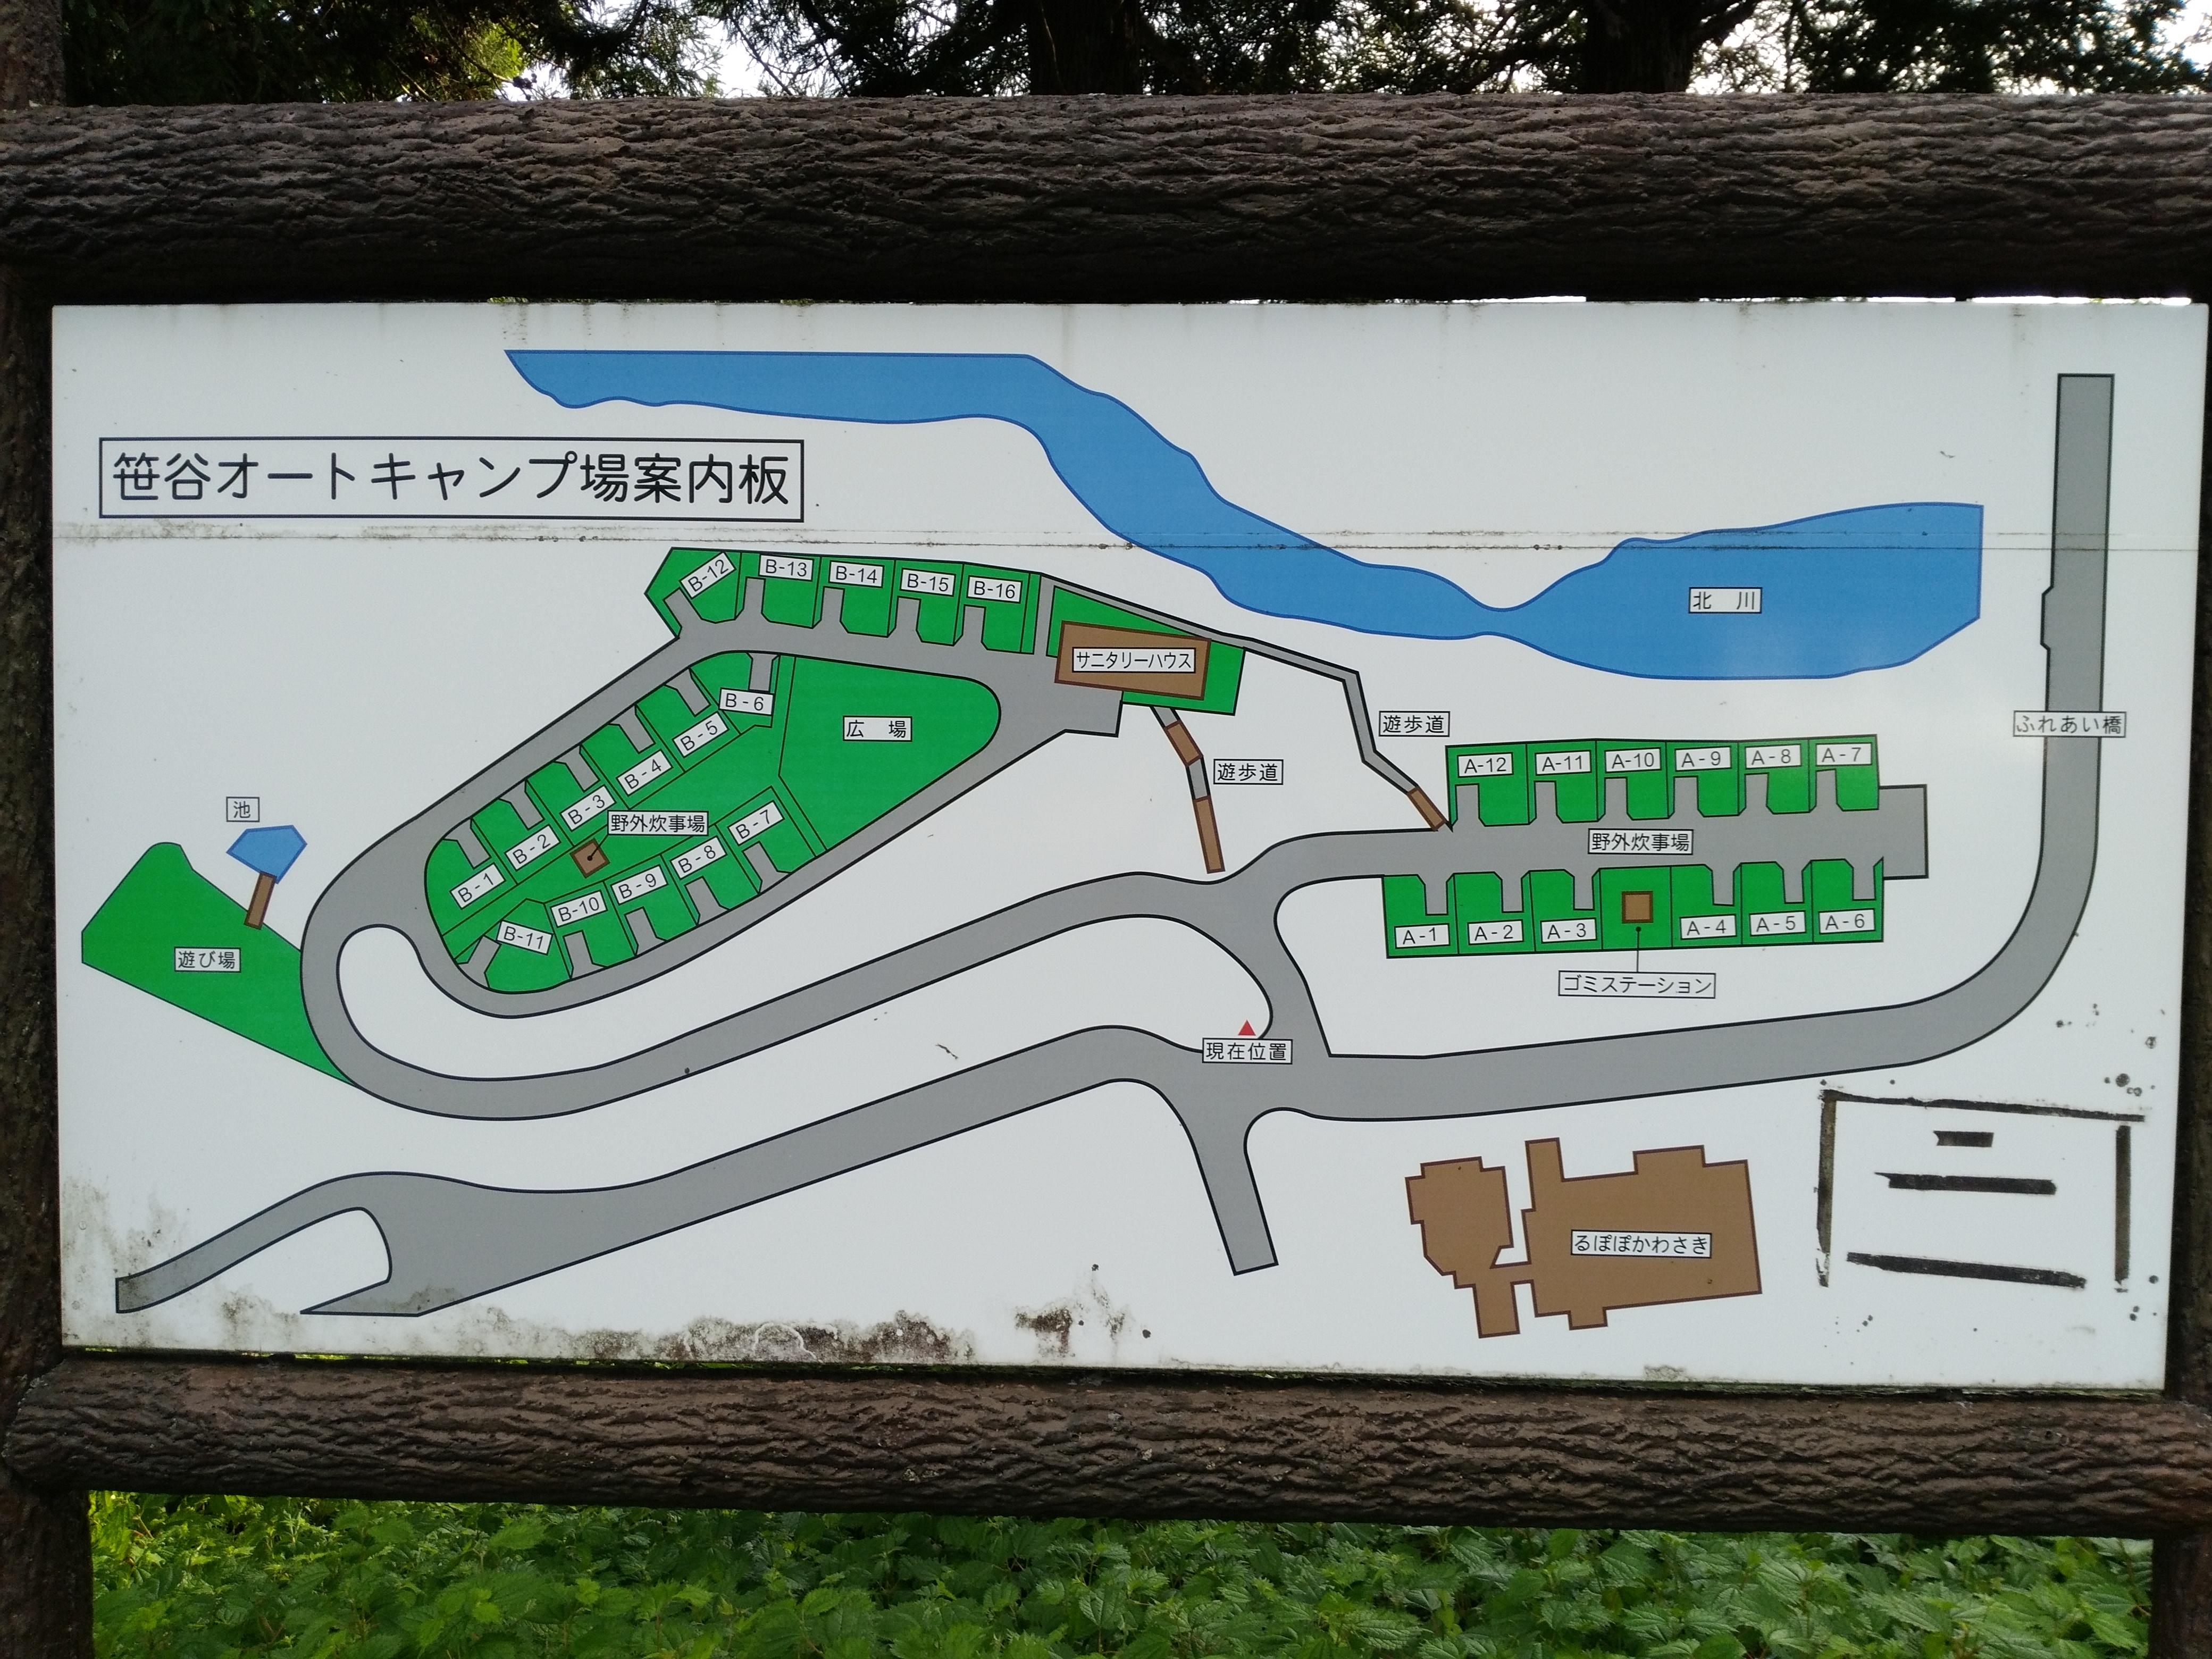 笹谷オートキャンプ場のマップ